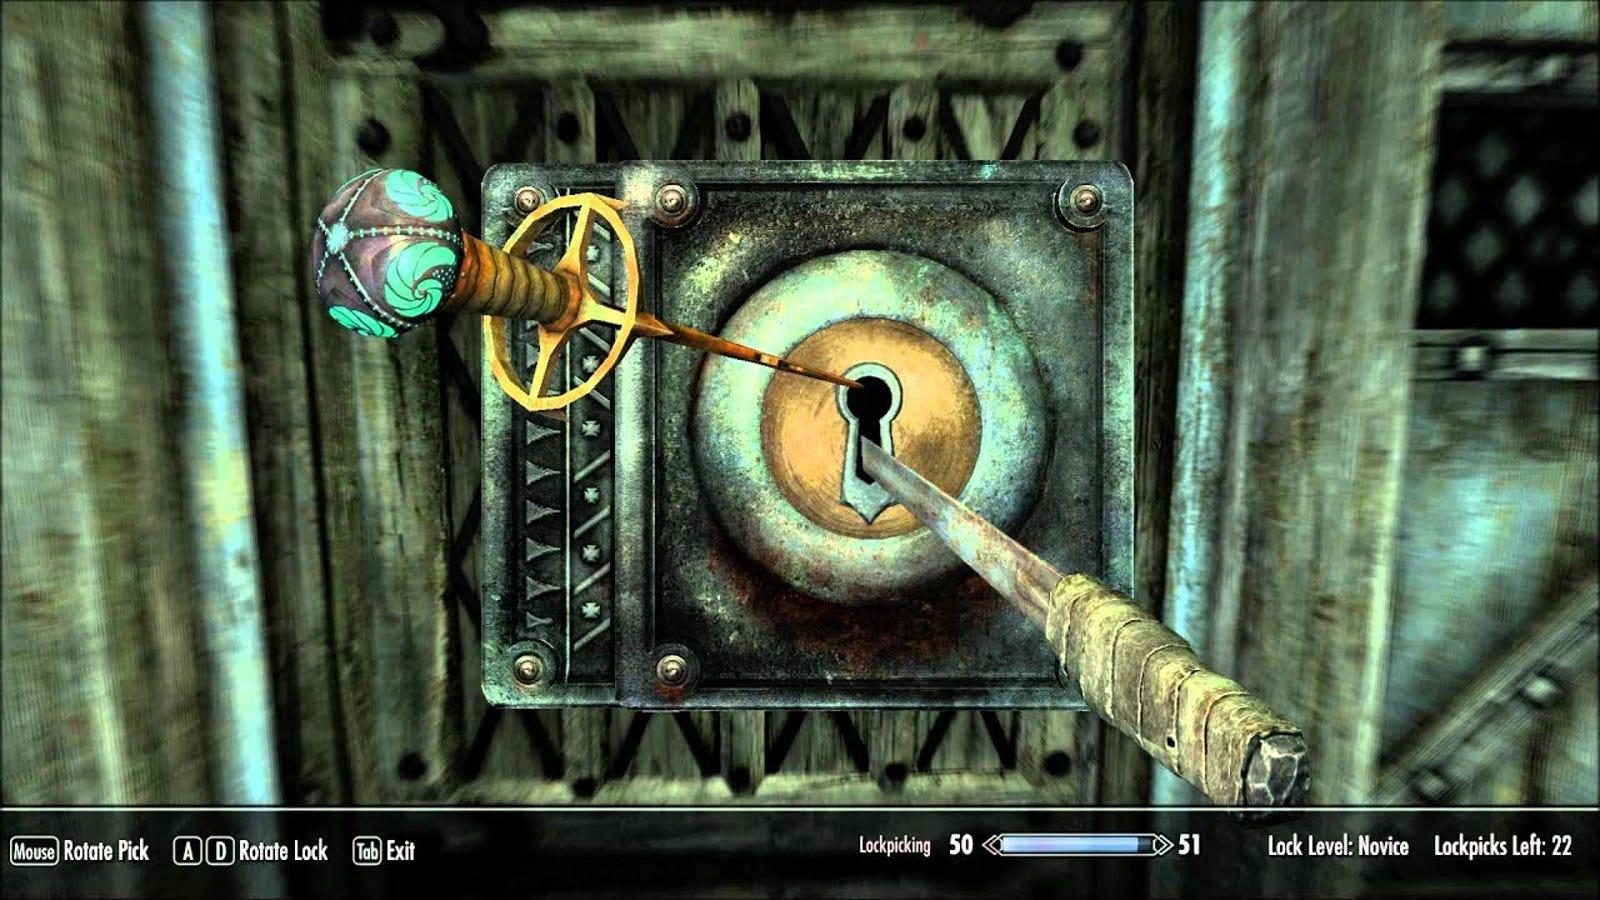 Todo comenzó cuando descubrí un modelo 3D de uno de mis objetos favoritos del videojuego Skyrim, la llave maestra de Nocturnal (a la izquierda en esta captura de pantalla).